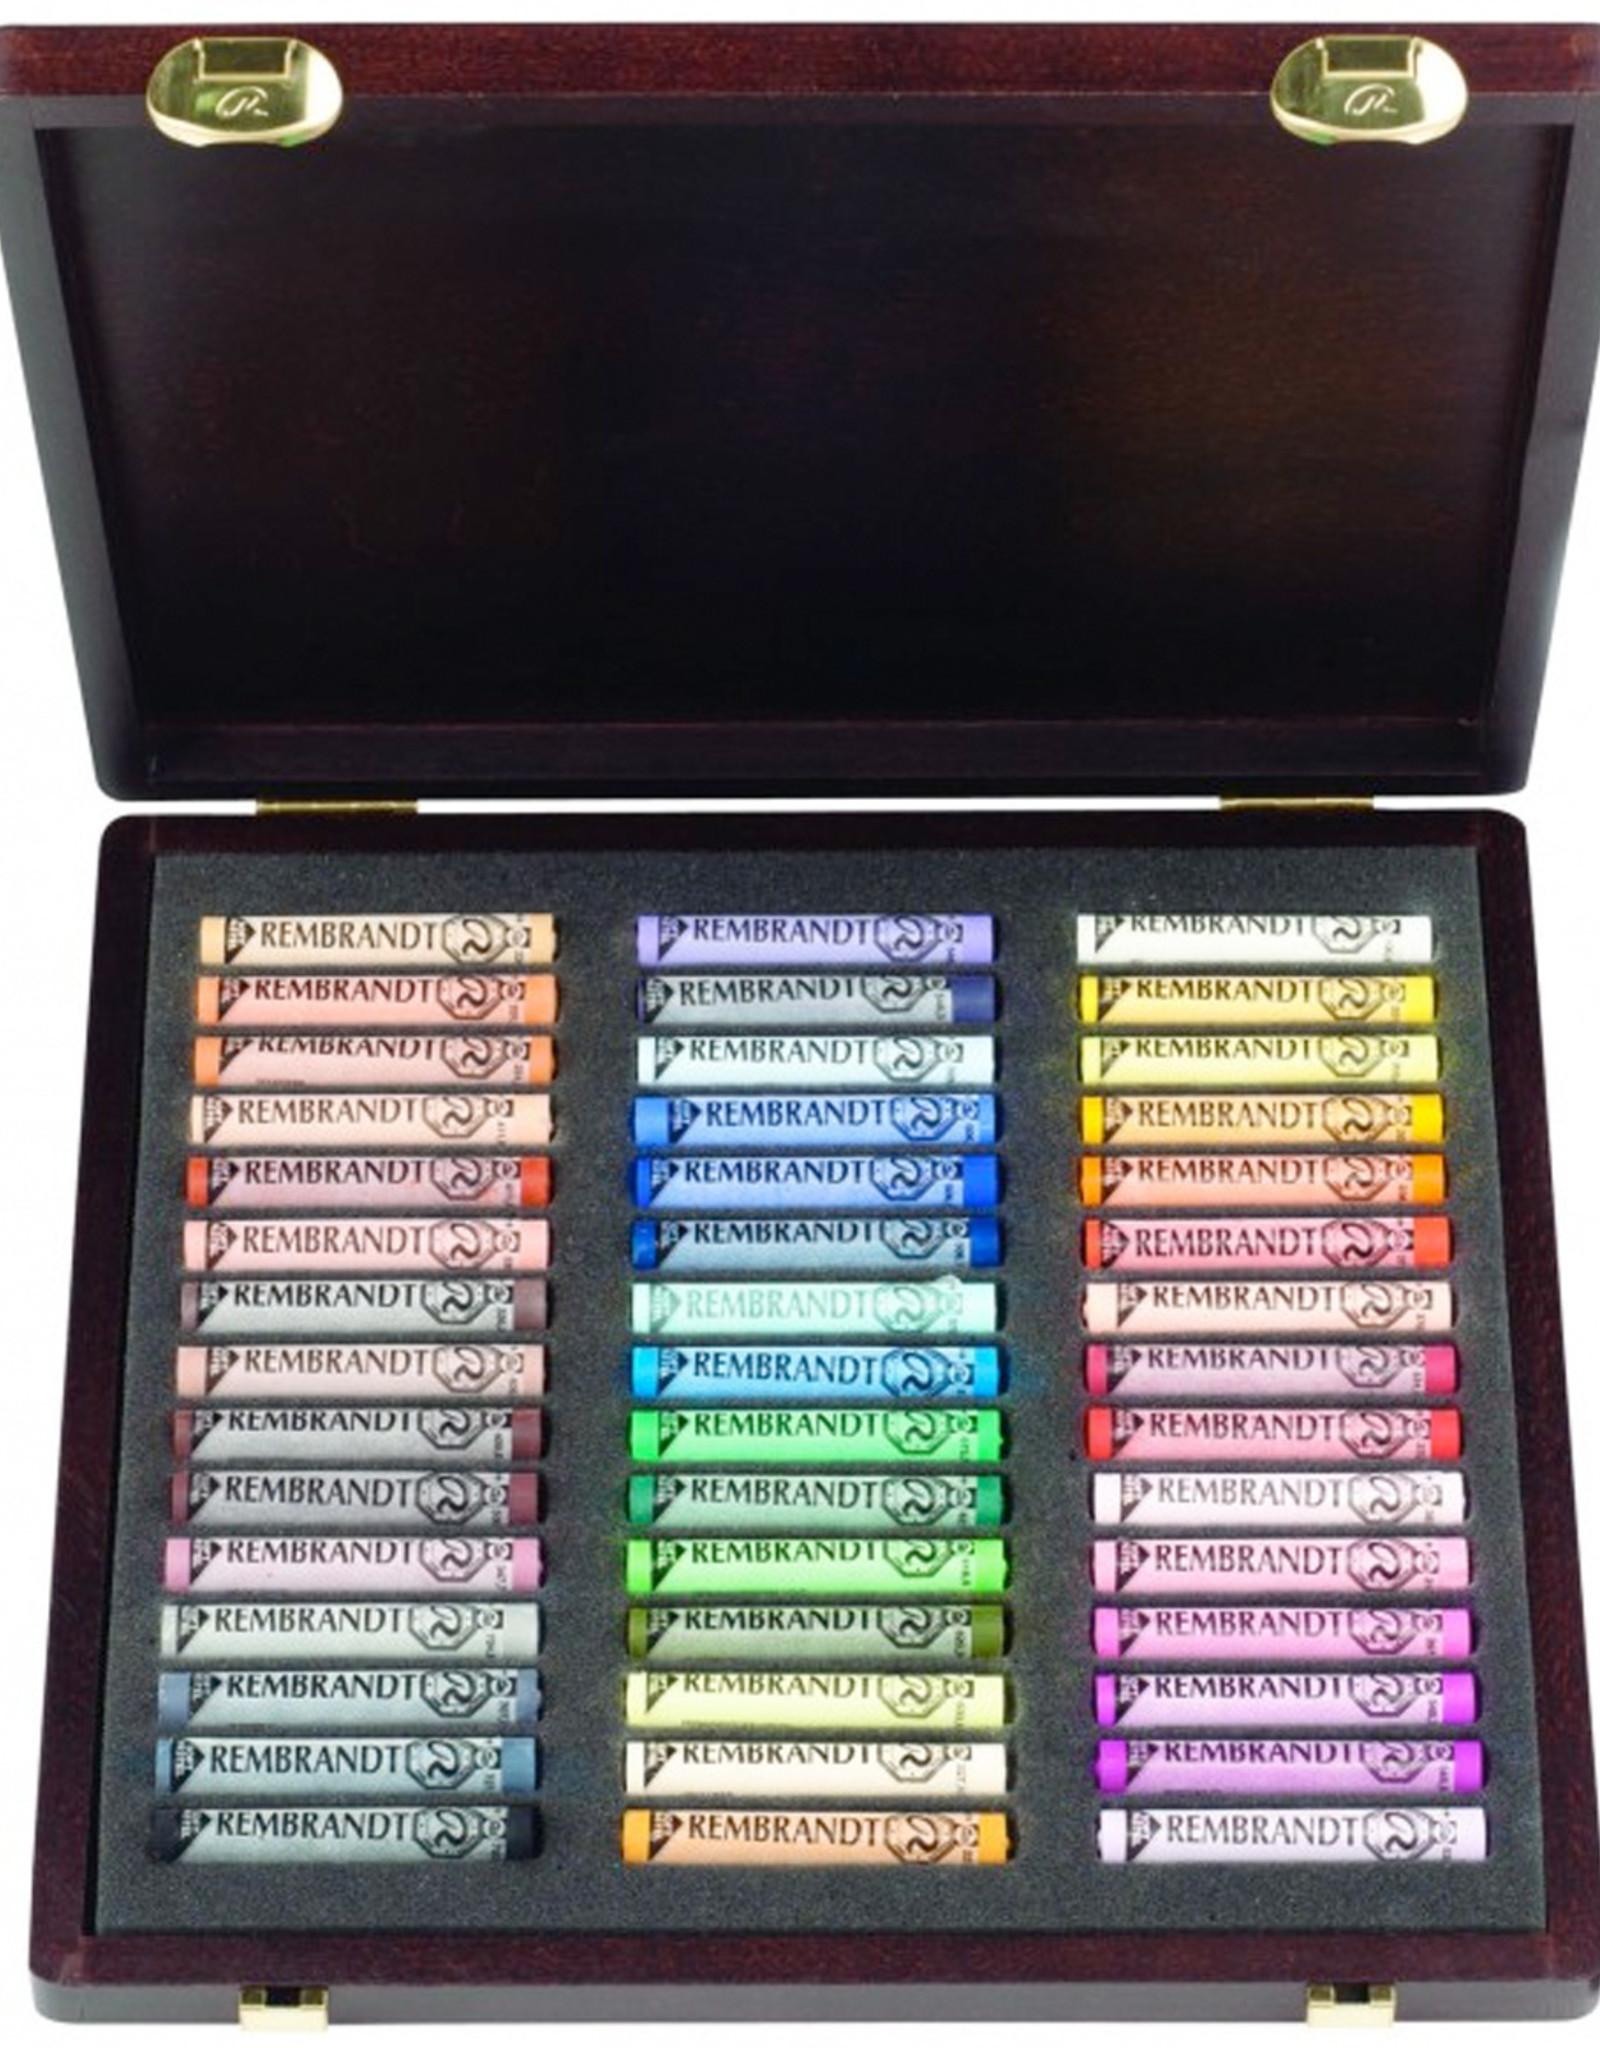 Talens Pastelkrijt Talens Rembrandt topkwaliteitpakket. 60 pastels en 60 halve pastels in stevige zwarte kartonnen doos.